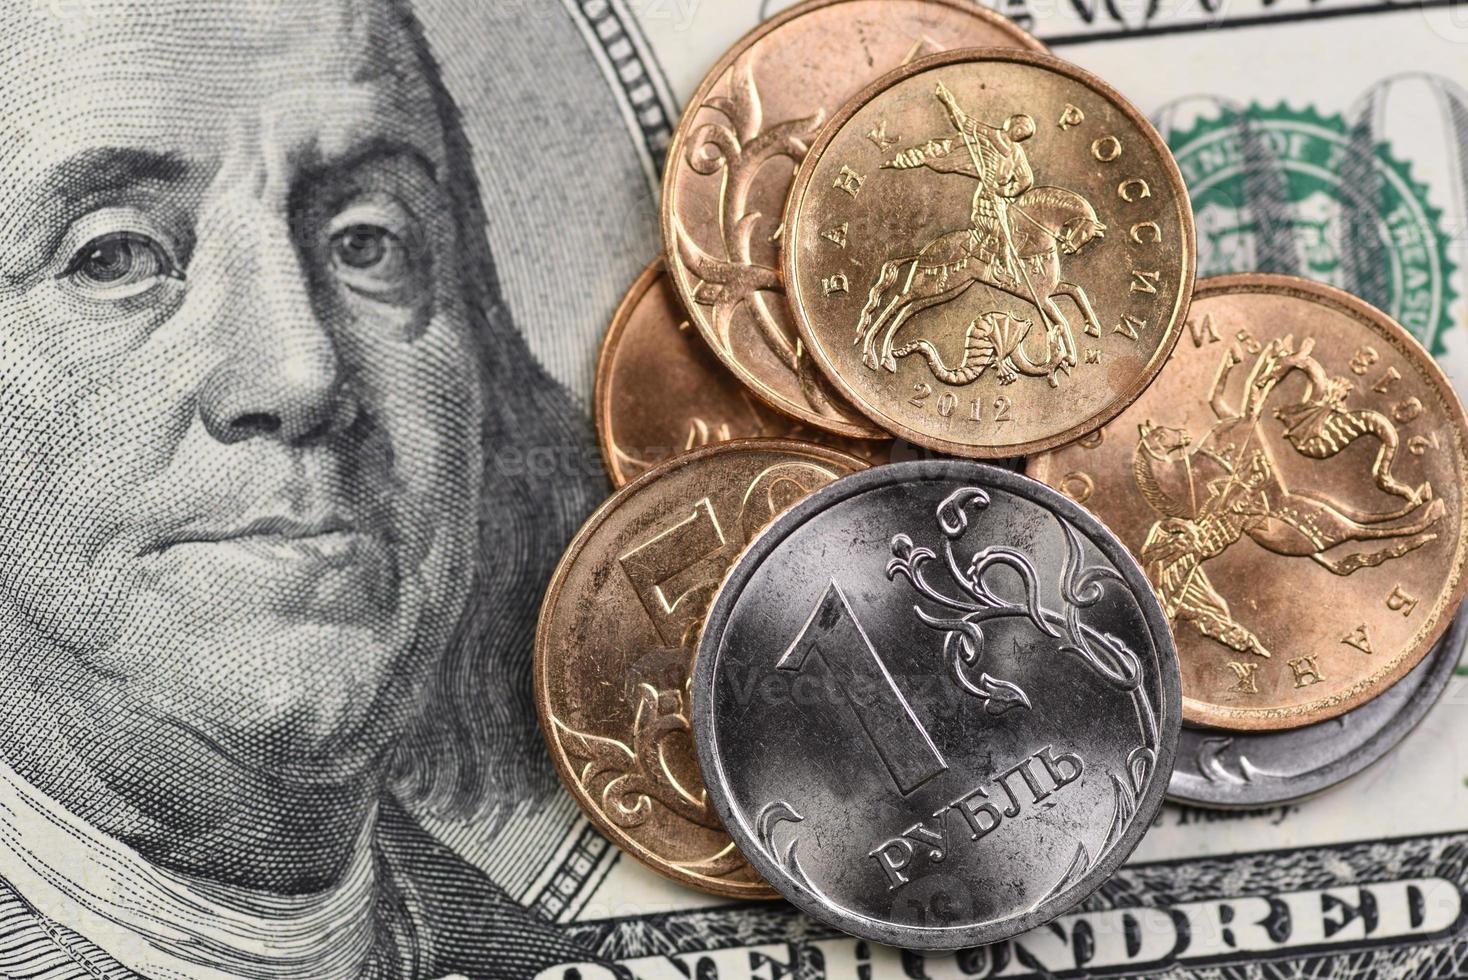 pièces de monnaie russes et 100 dollar américain photo